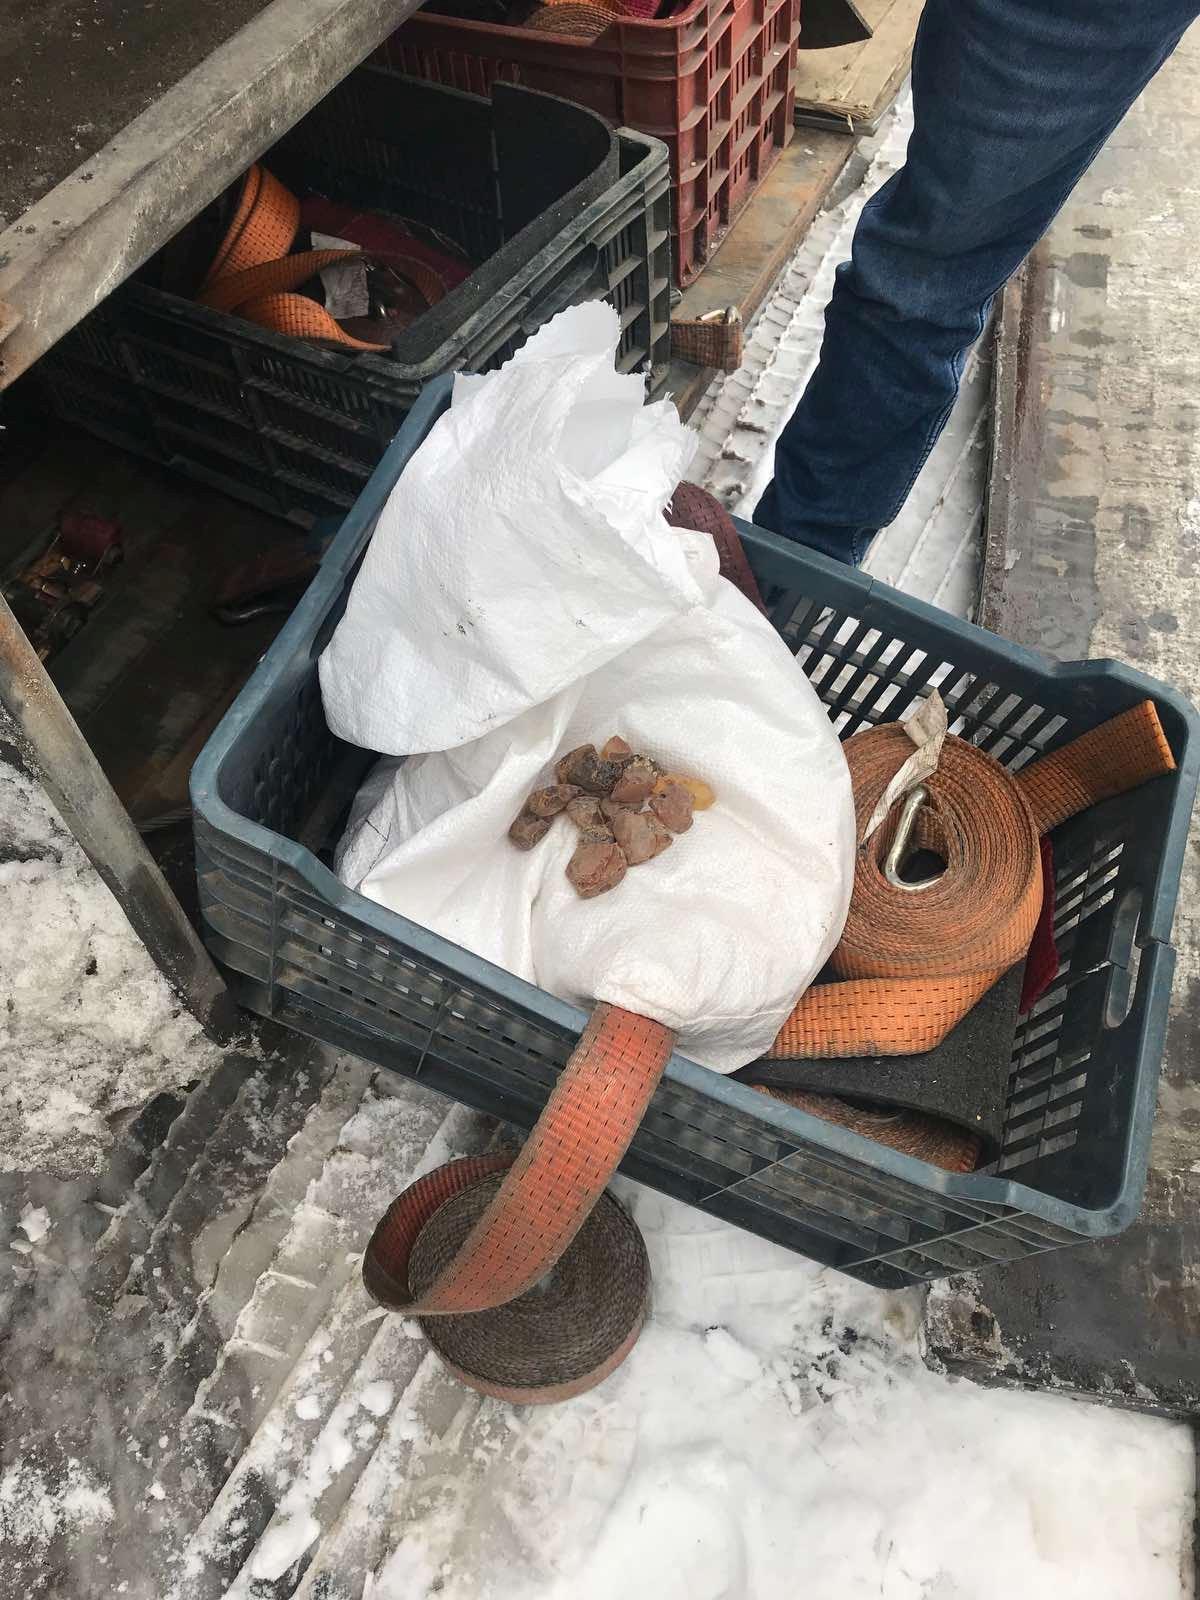 Сьогодні, 4 грудня 2019 року, на митному посту «Тиса» працівники Закарпатської митниці ДФС запобігли незаконному вивезенню з України незадекларованого товару.